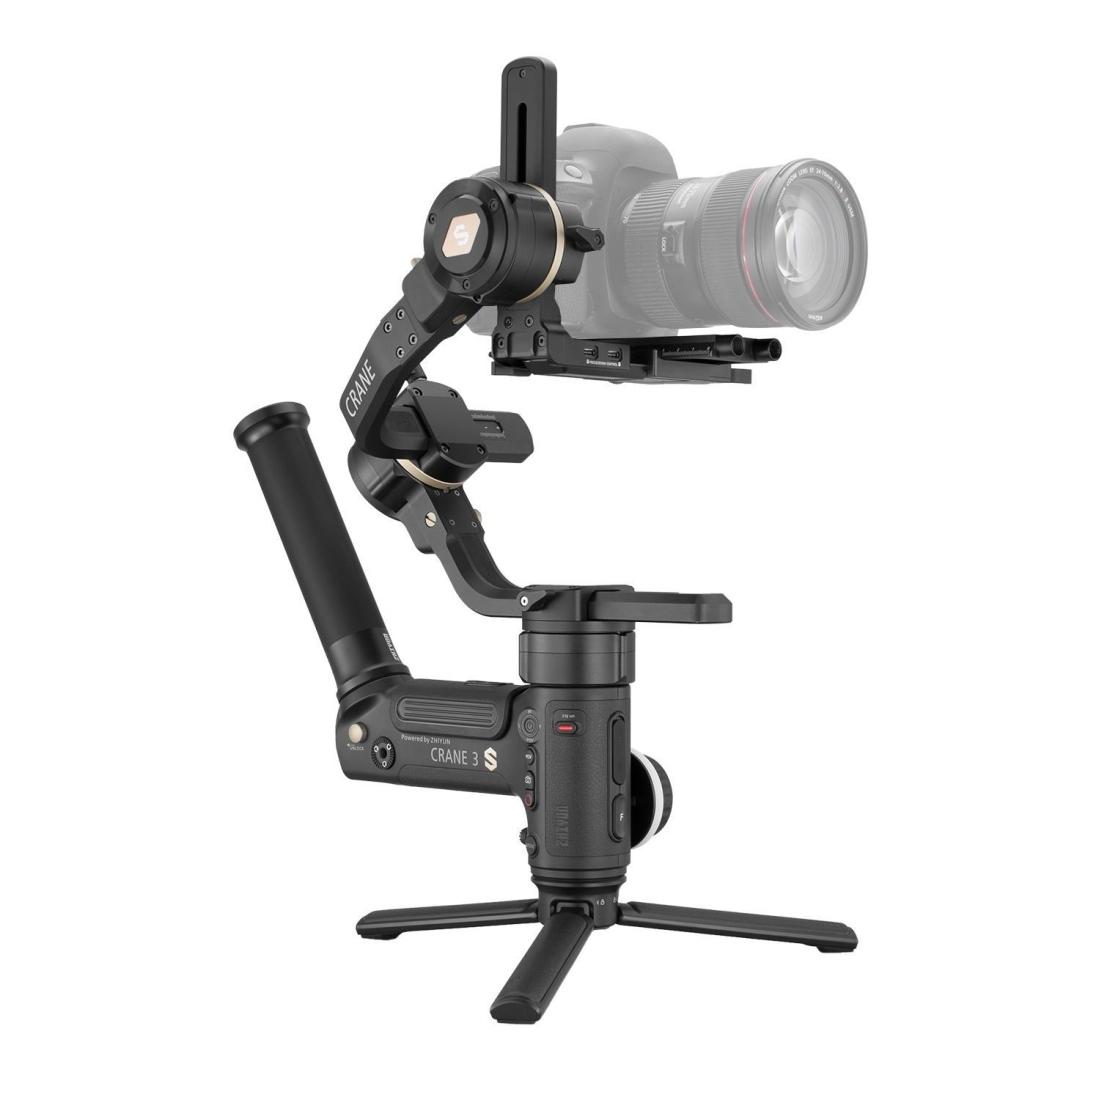 Zhiyun CRANE-3S-E professioneller 3-Achsen-Gimbal für Kameras bis zu 6,5kg